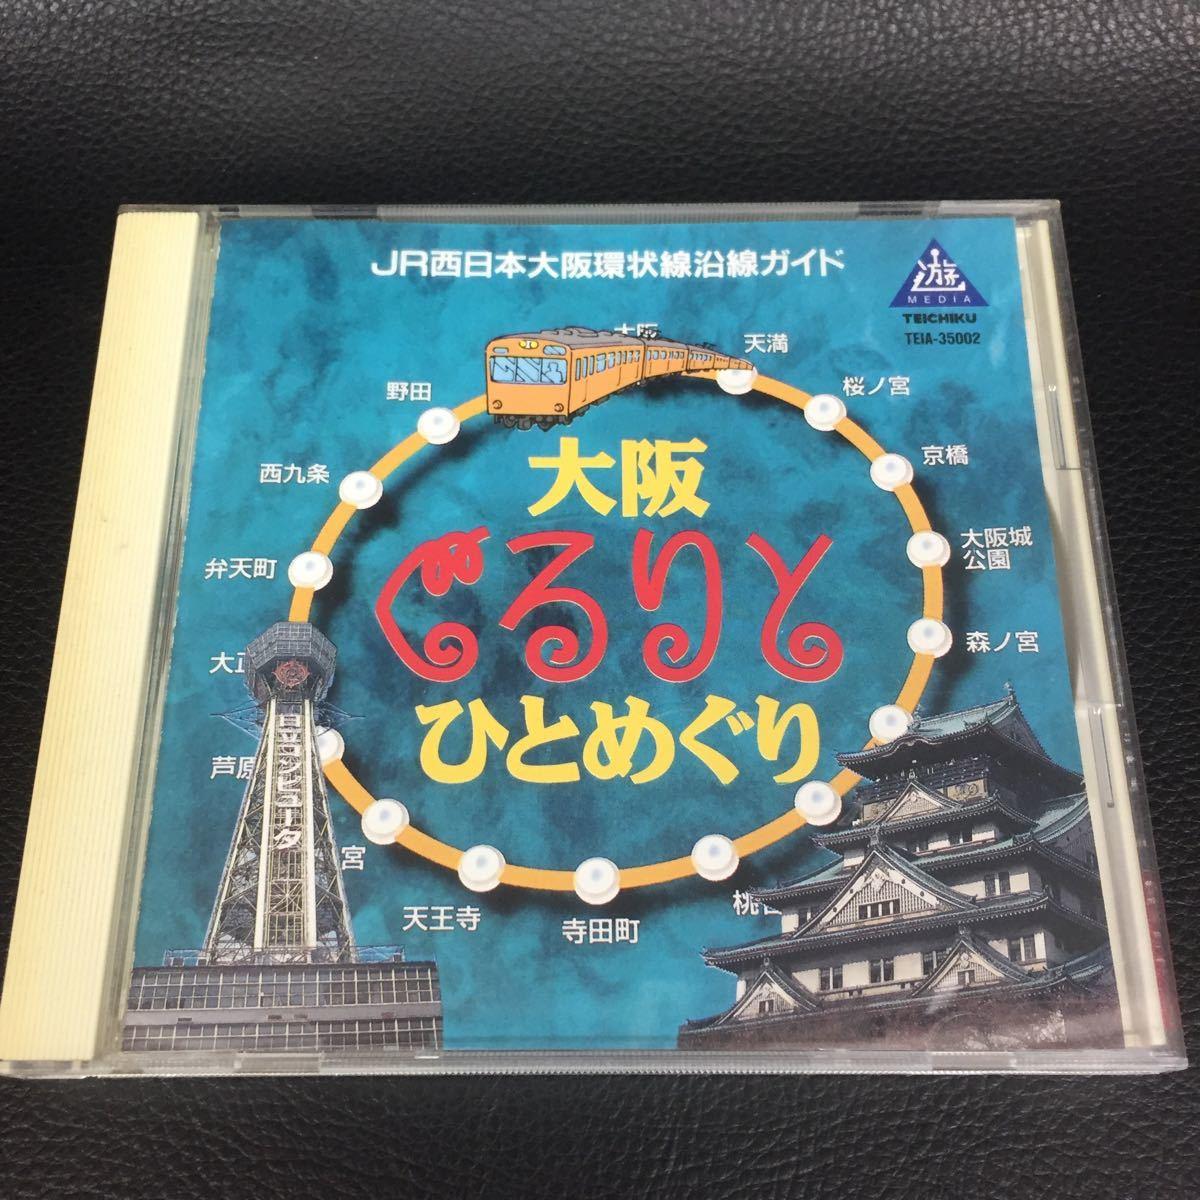 ビデオCD VCD 大阪ぐるりと ひとめぐり JR西日本大阪環状線沿線ガイド 【A-3】